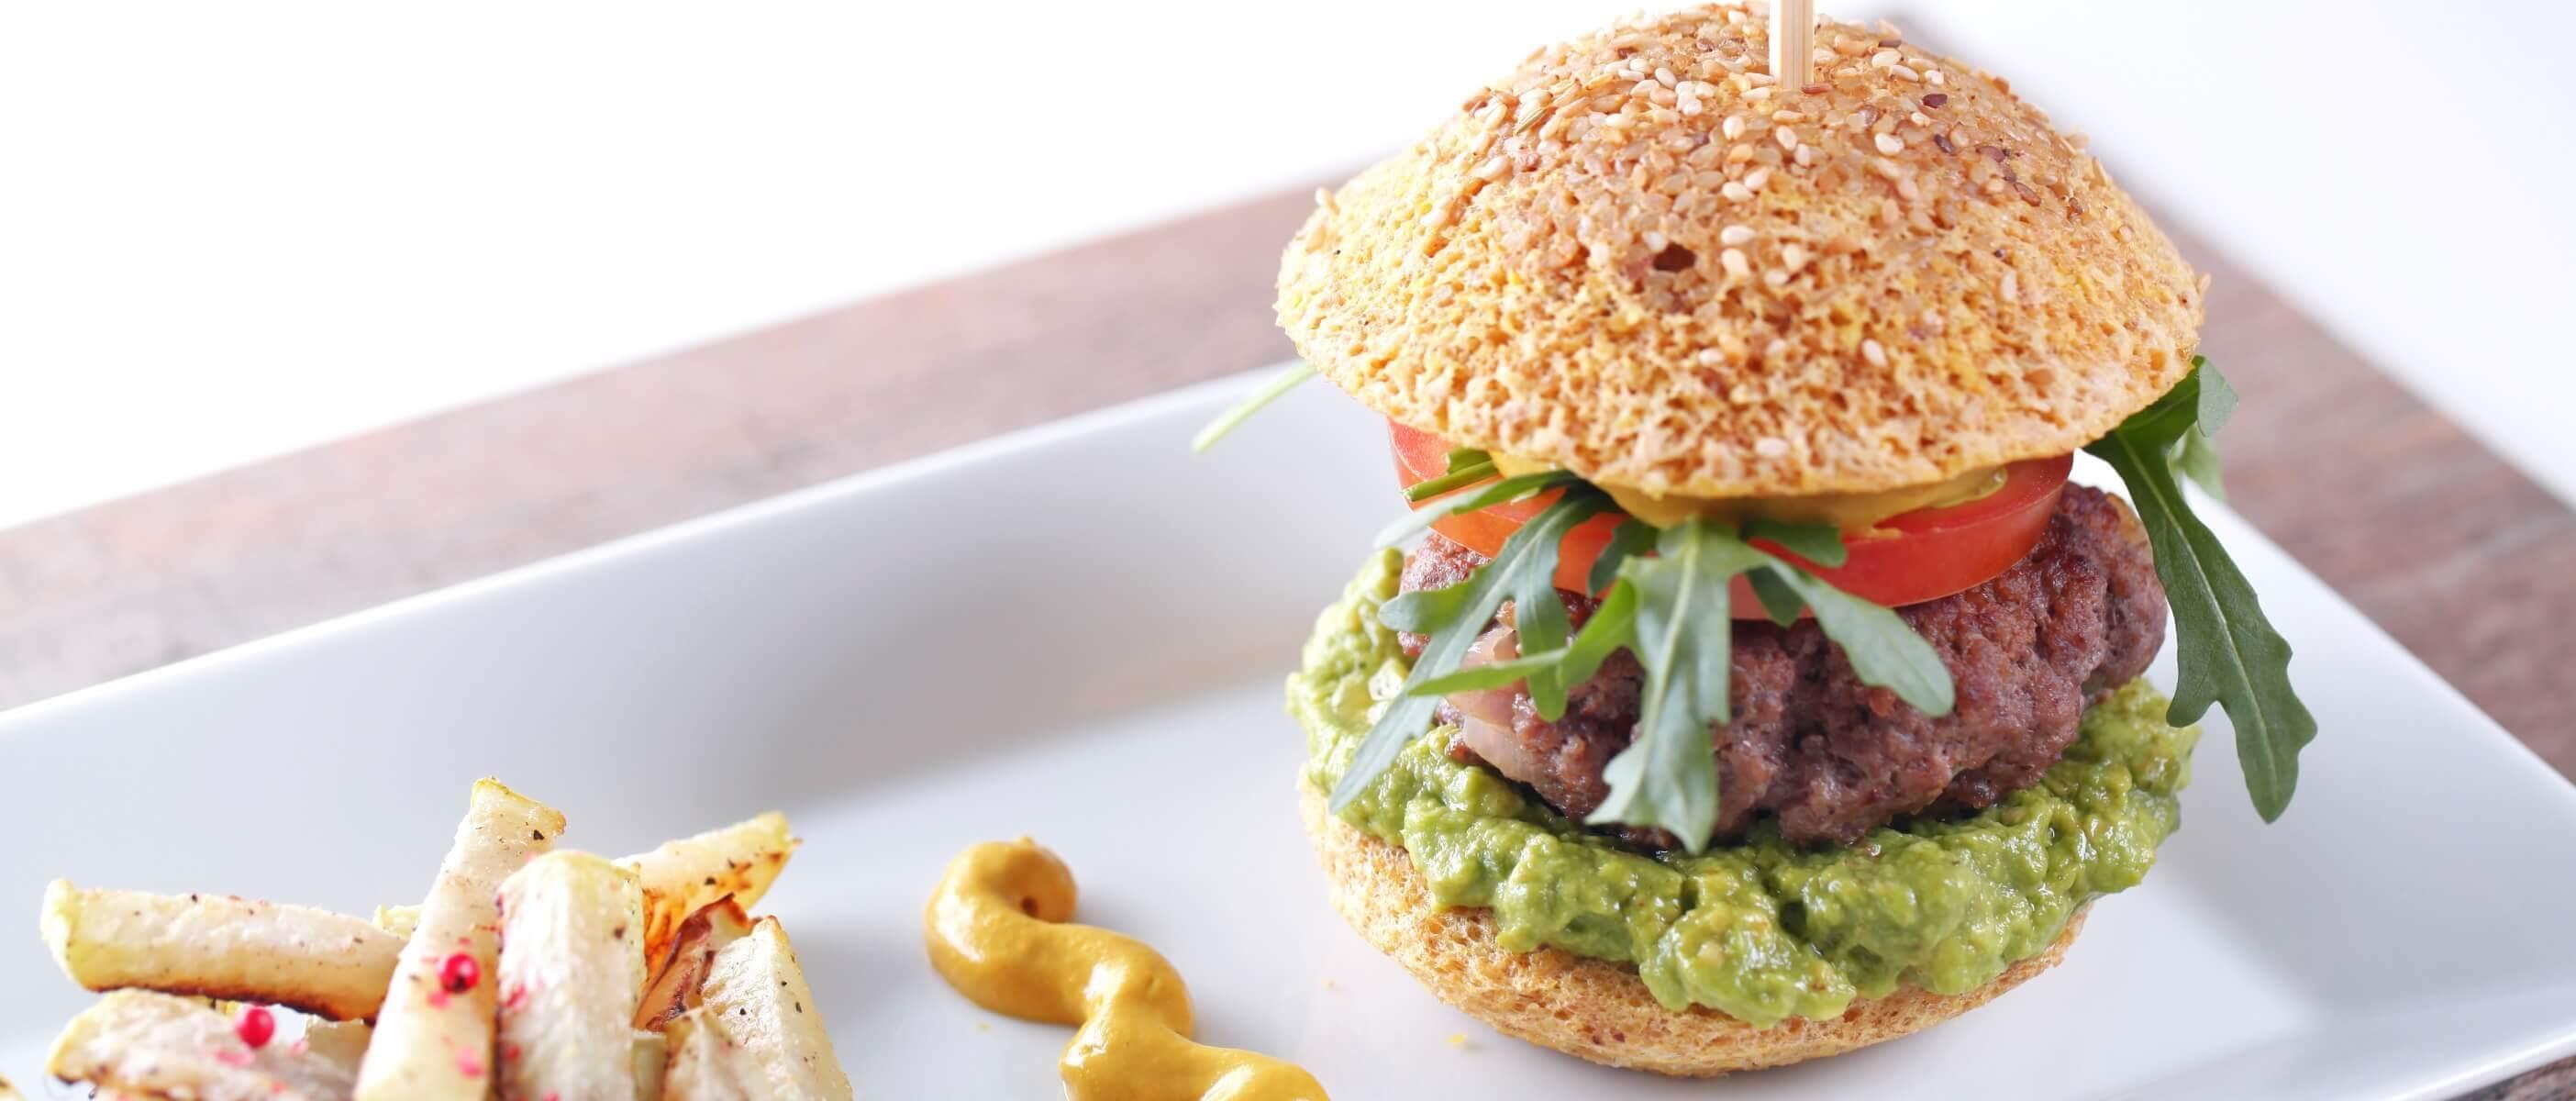 Für BodyChanger gibt es auch leckere Burger!